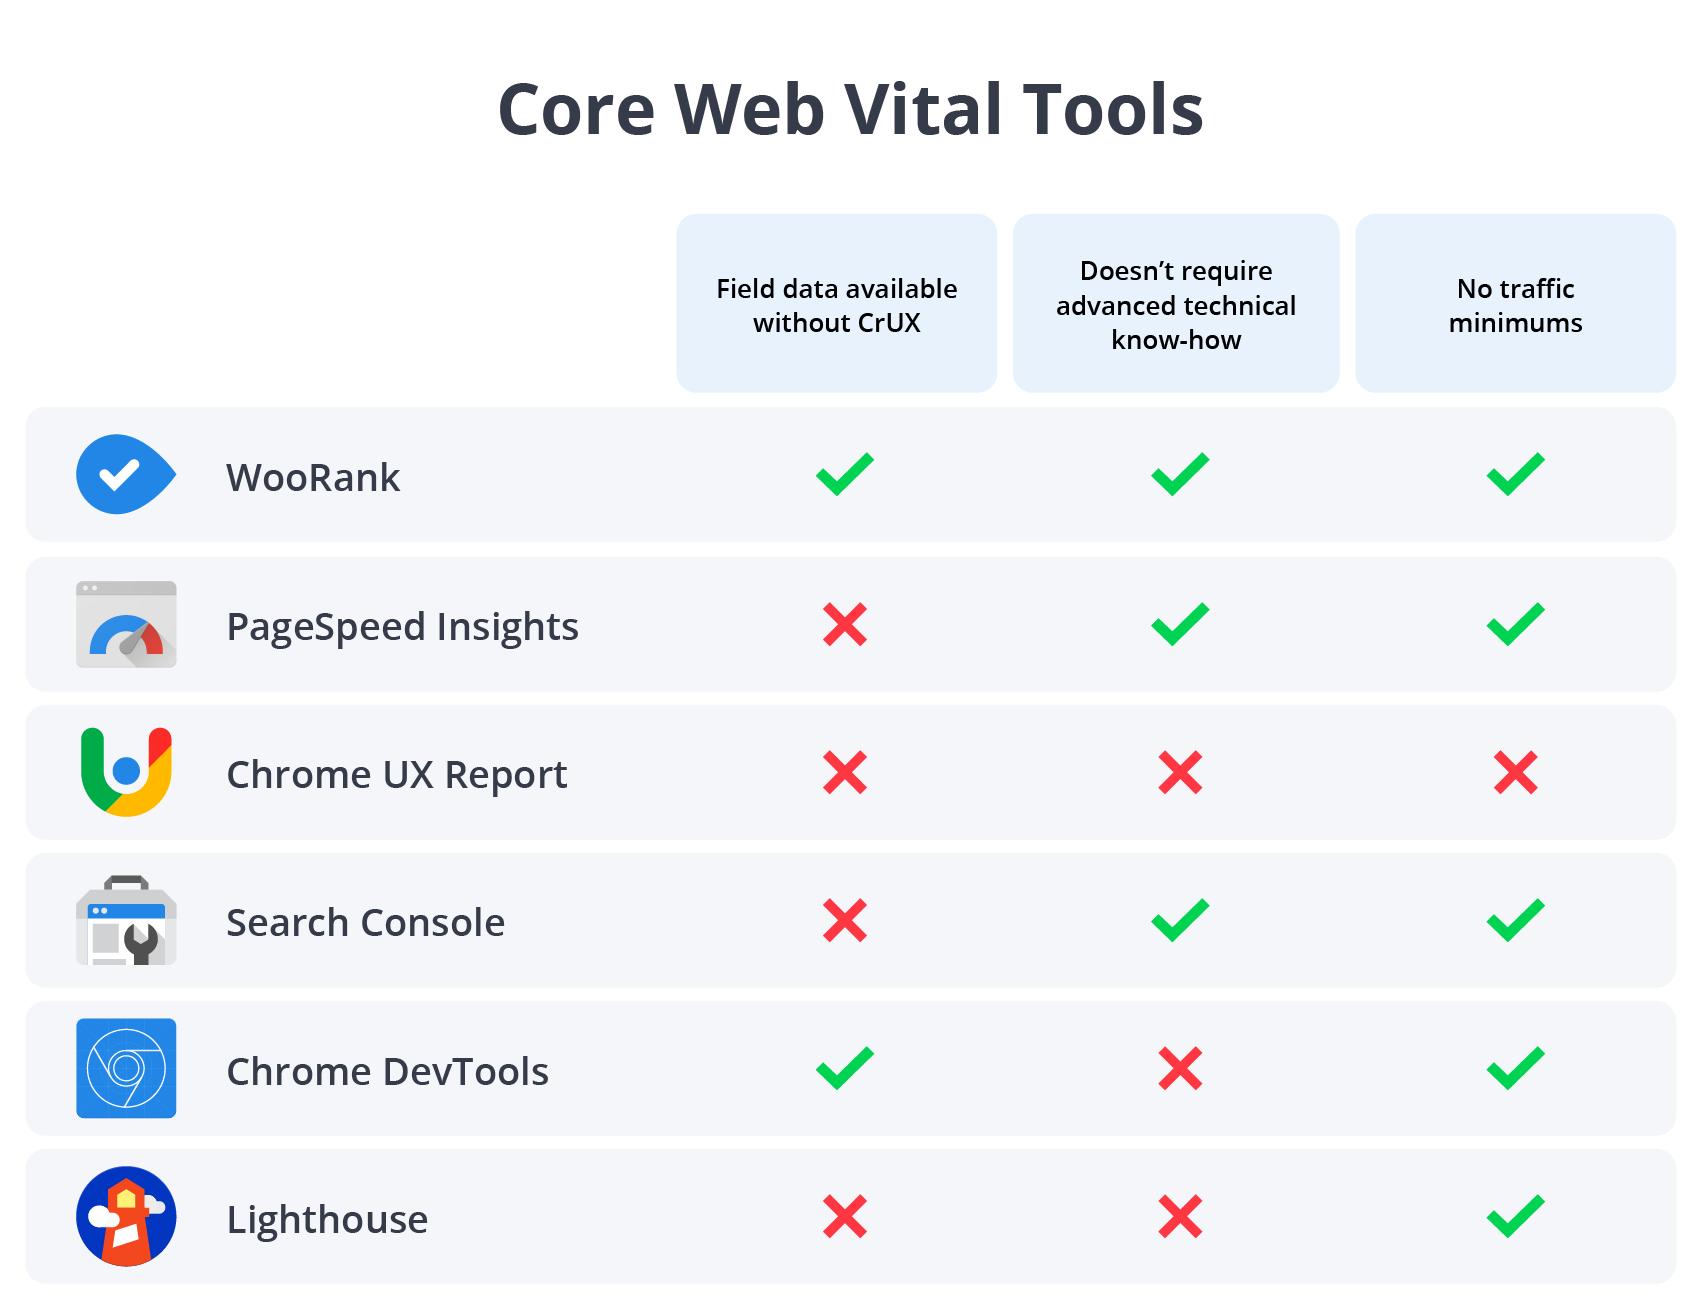 Core Web Vital Tools Comparison